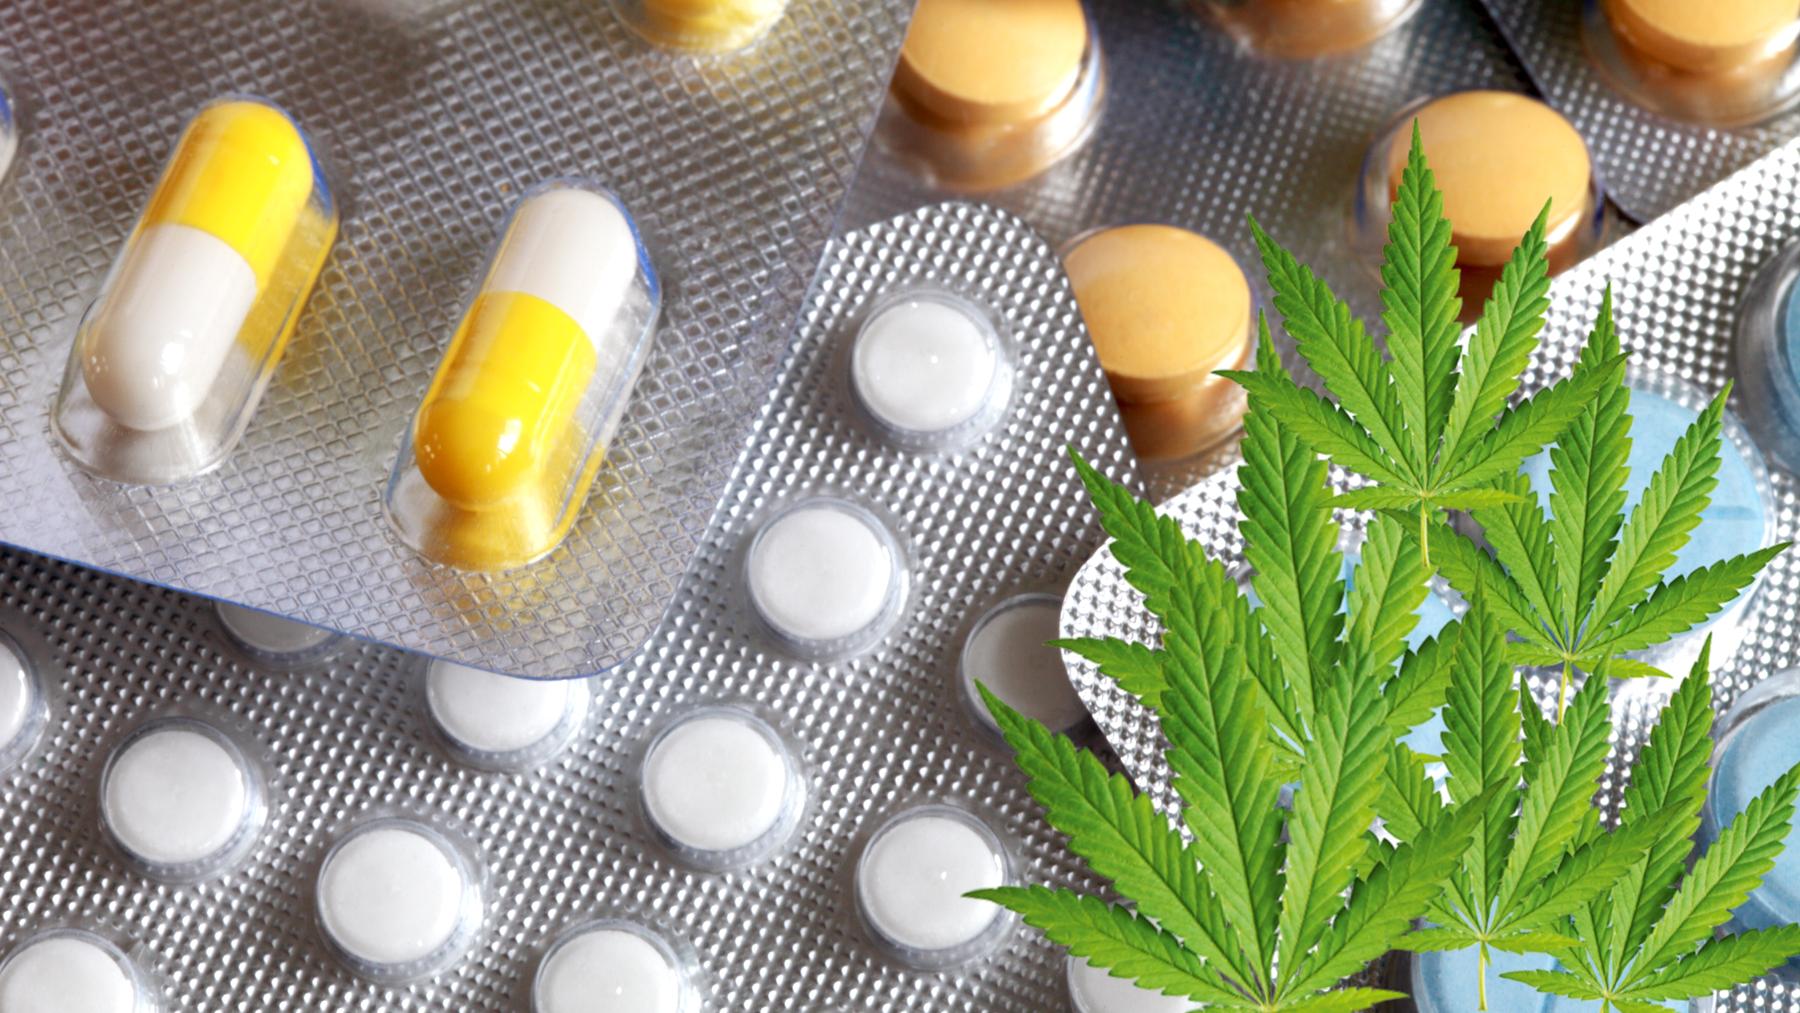 Wird Cannabis bald als Antibiotikum eingesetzt?